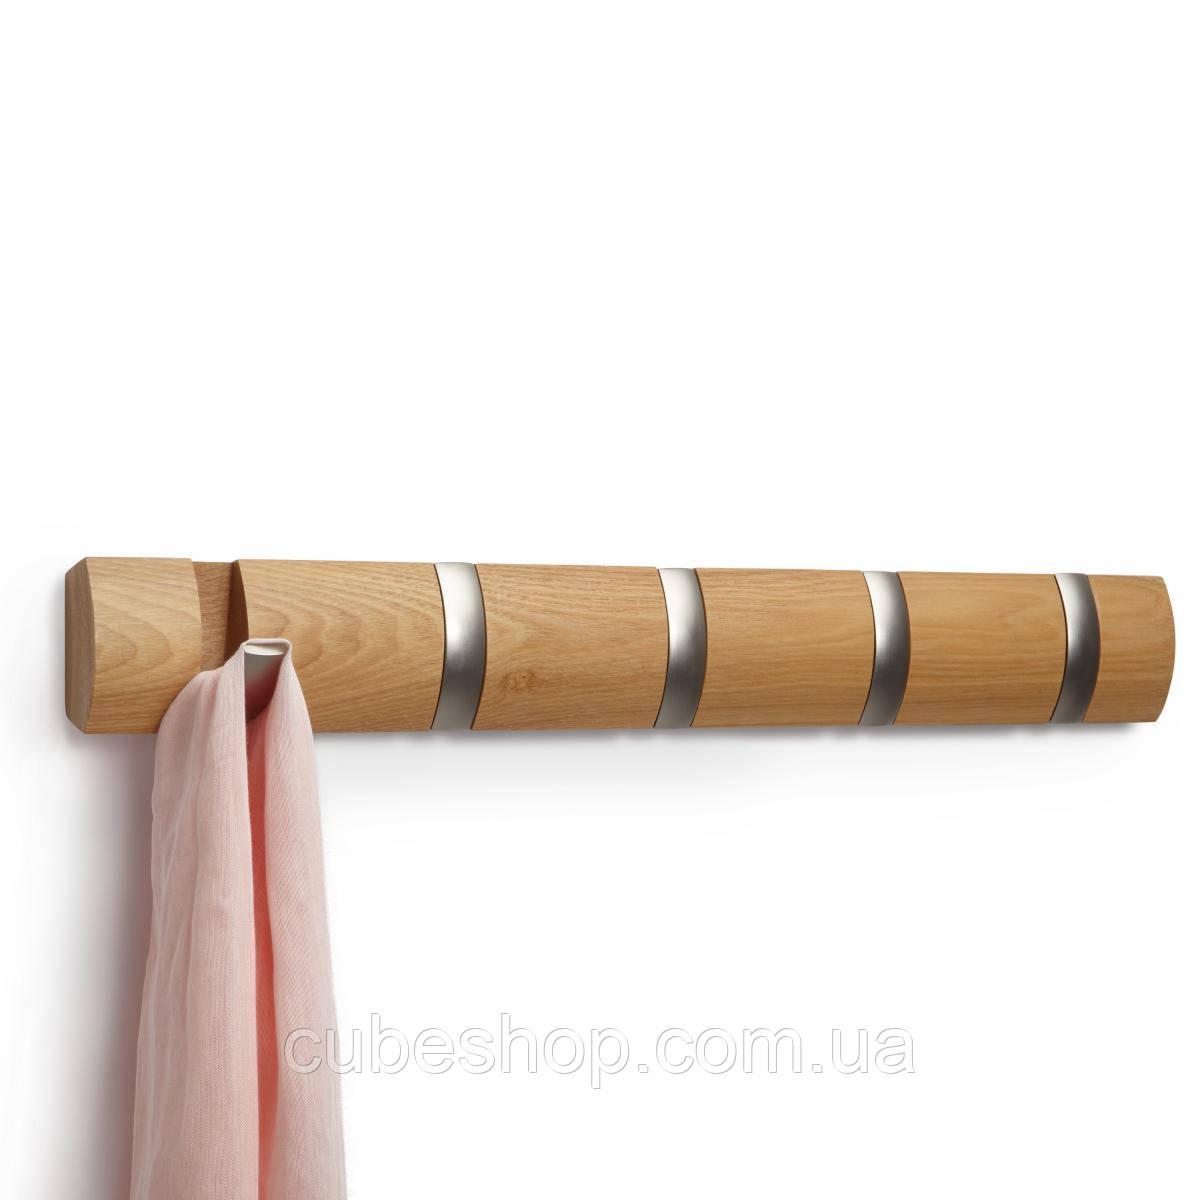 Вешалка Umbra 5 Flip (светлое дерево) для одежды настенная